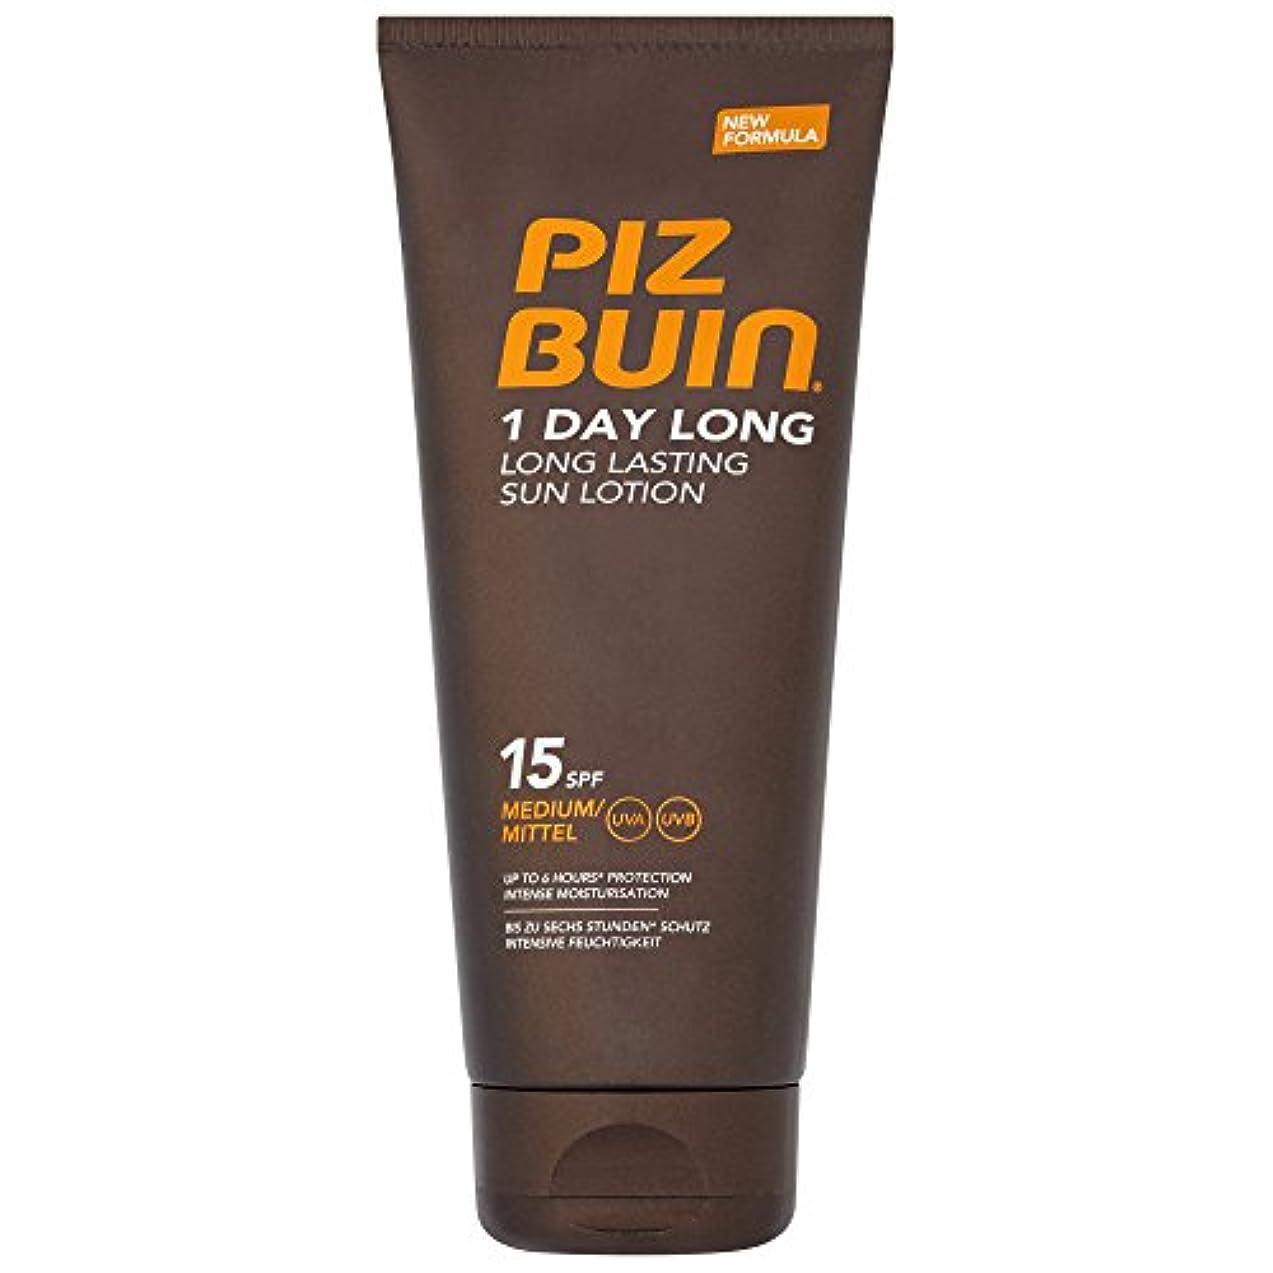 神話多年生うなるピッツブーインの1日長い15の日焼けローション200 x2 - Piz Buin 1 Day Long SPF15 Sun Lotion 200ml (Pack of 2) [並行輸入品]